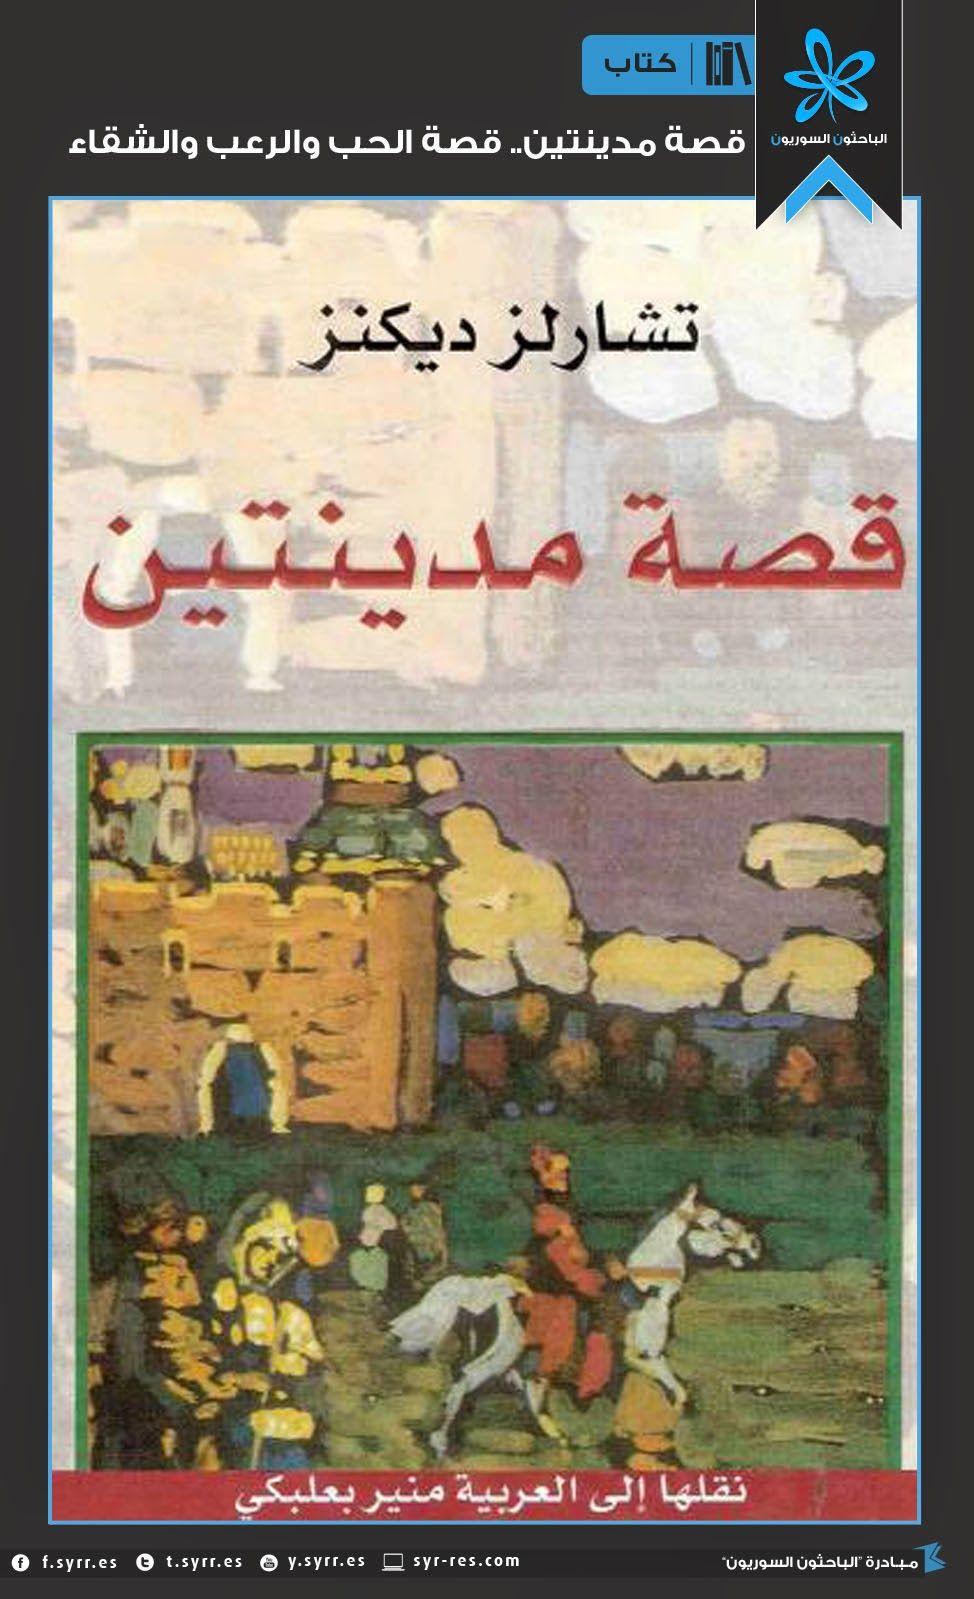 رواية قصة مدينتين Pdf مدونة الحب في غرفة الإنعاش Book Art Books Ebook